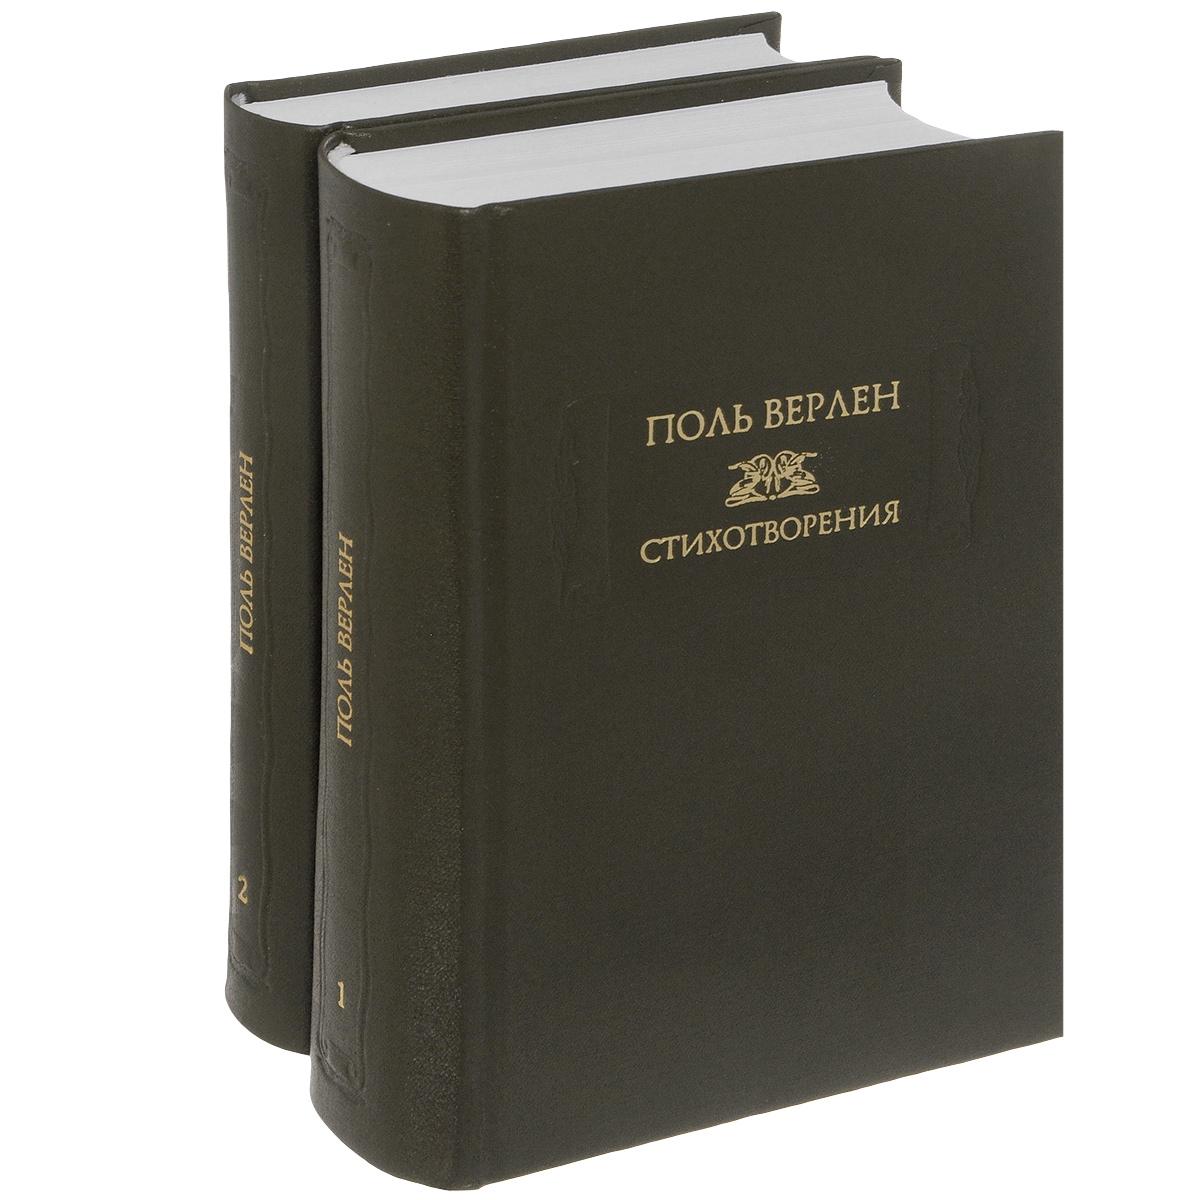 Поль Верлен Поль Верлен. Стихотворения. В 2 томах (комплект) поль феваль шевалье фортюн